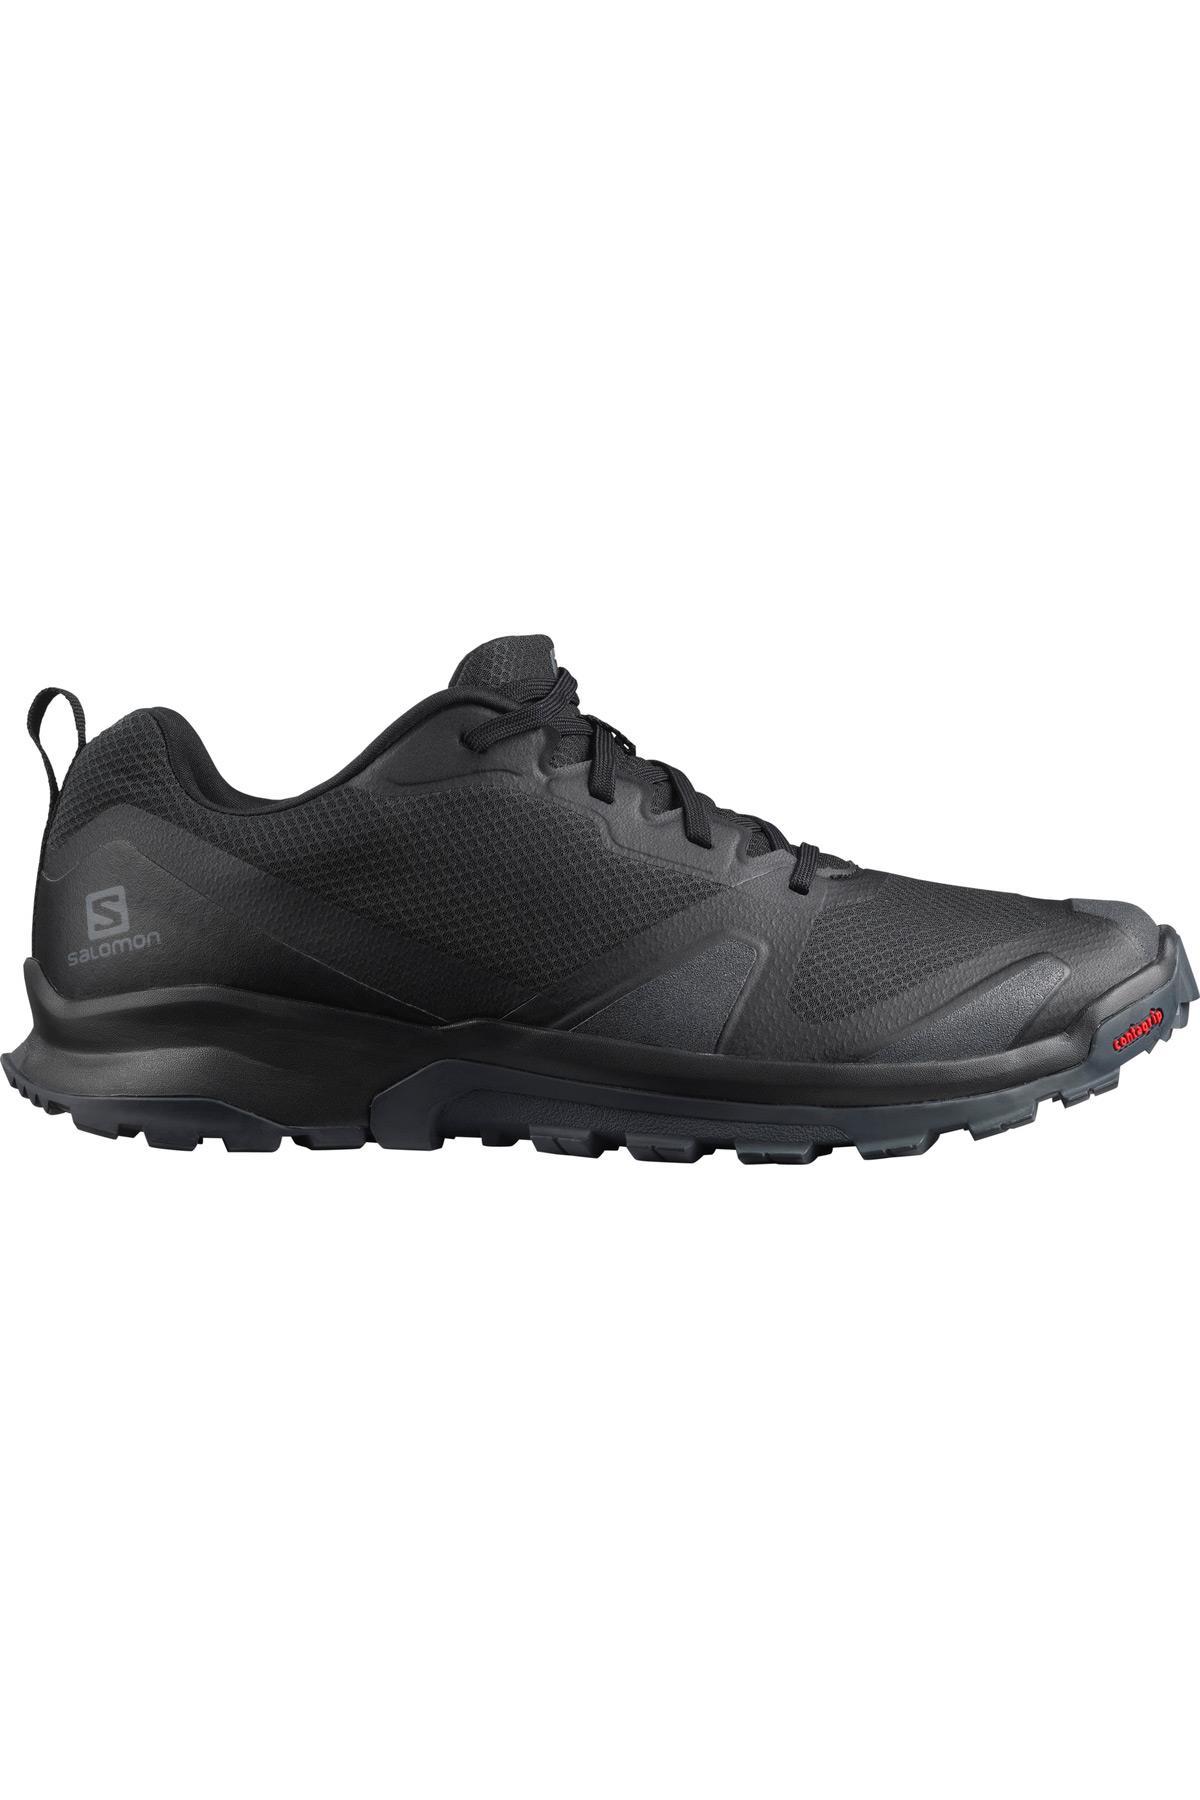 Salomon XA COLLIDER Erkek Ayakkabısı L41027400